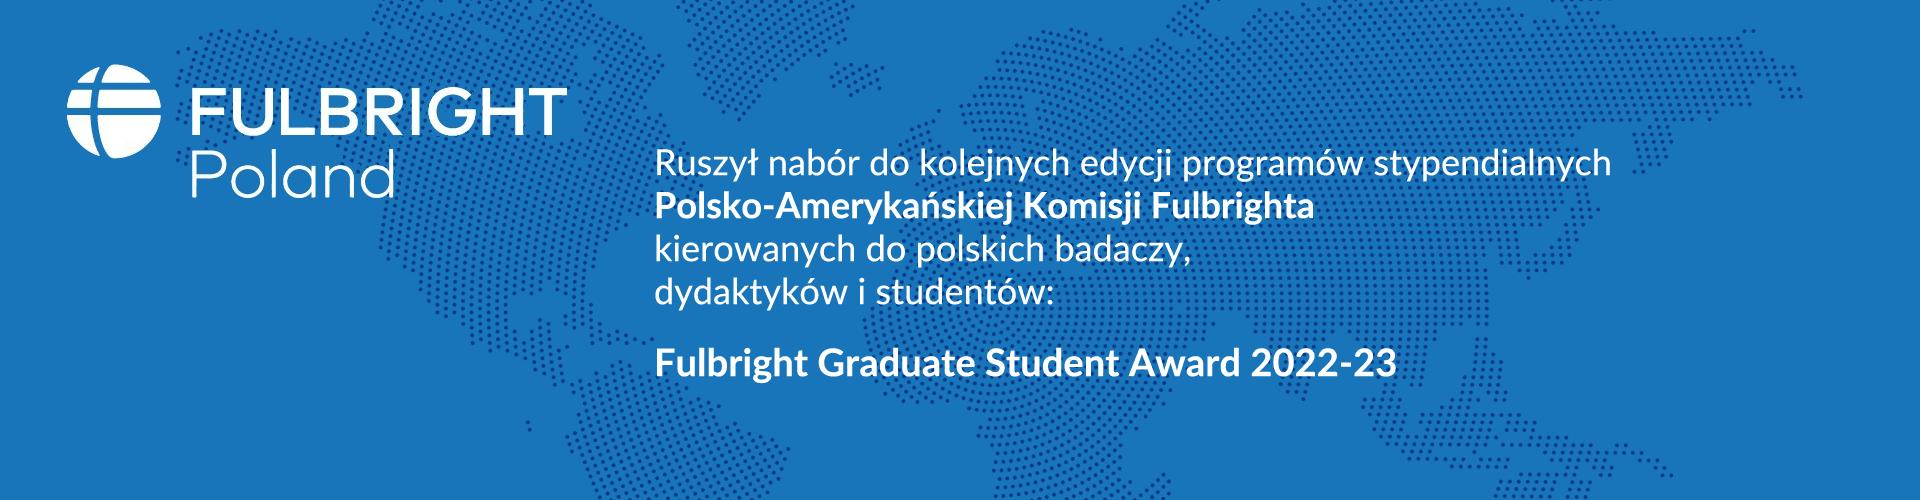 Otwarty nabór na Programy Fulbrighta!